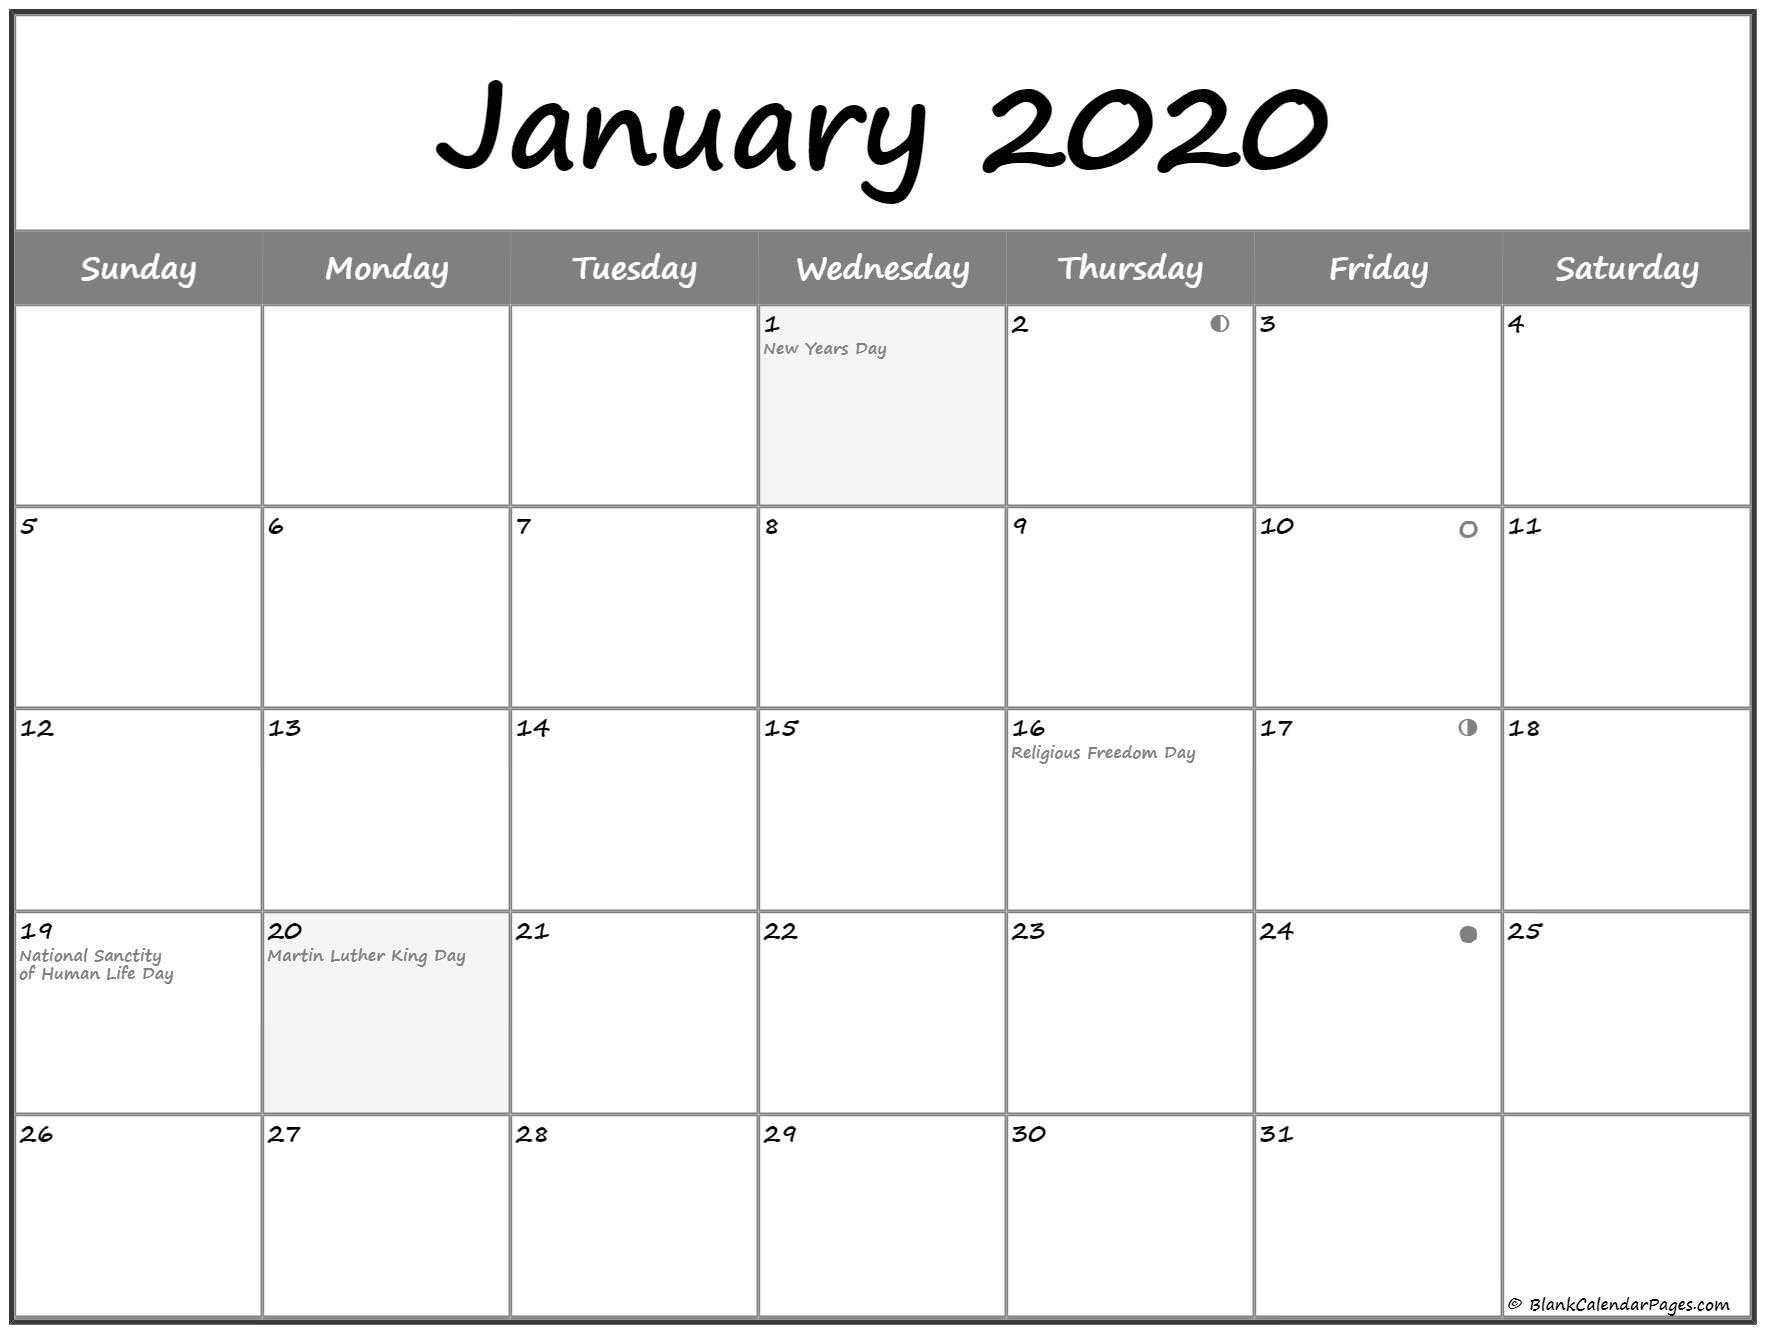 January 2020 Lunar Calendar | Moon Phase Calendar-January 2020 Calendar Full Moon